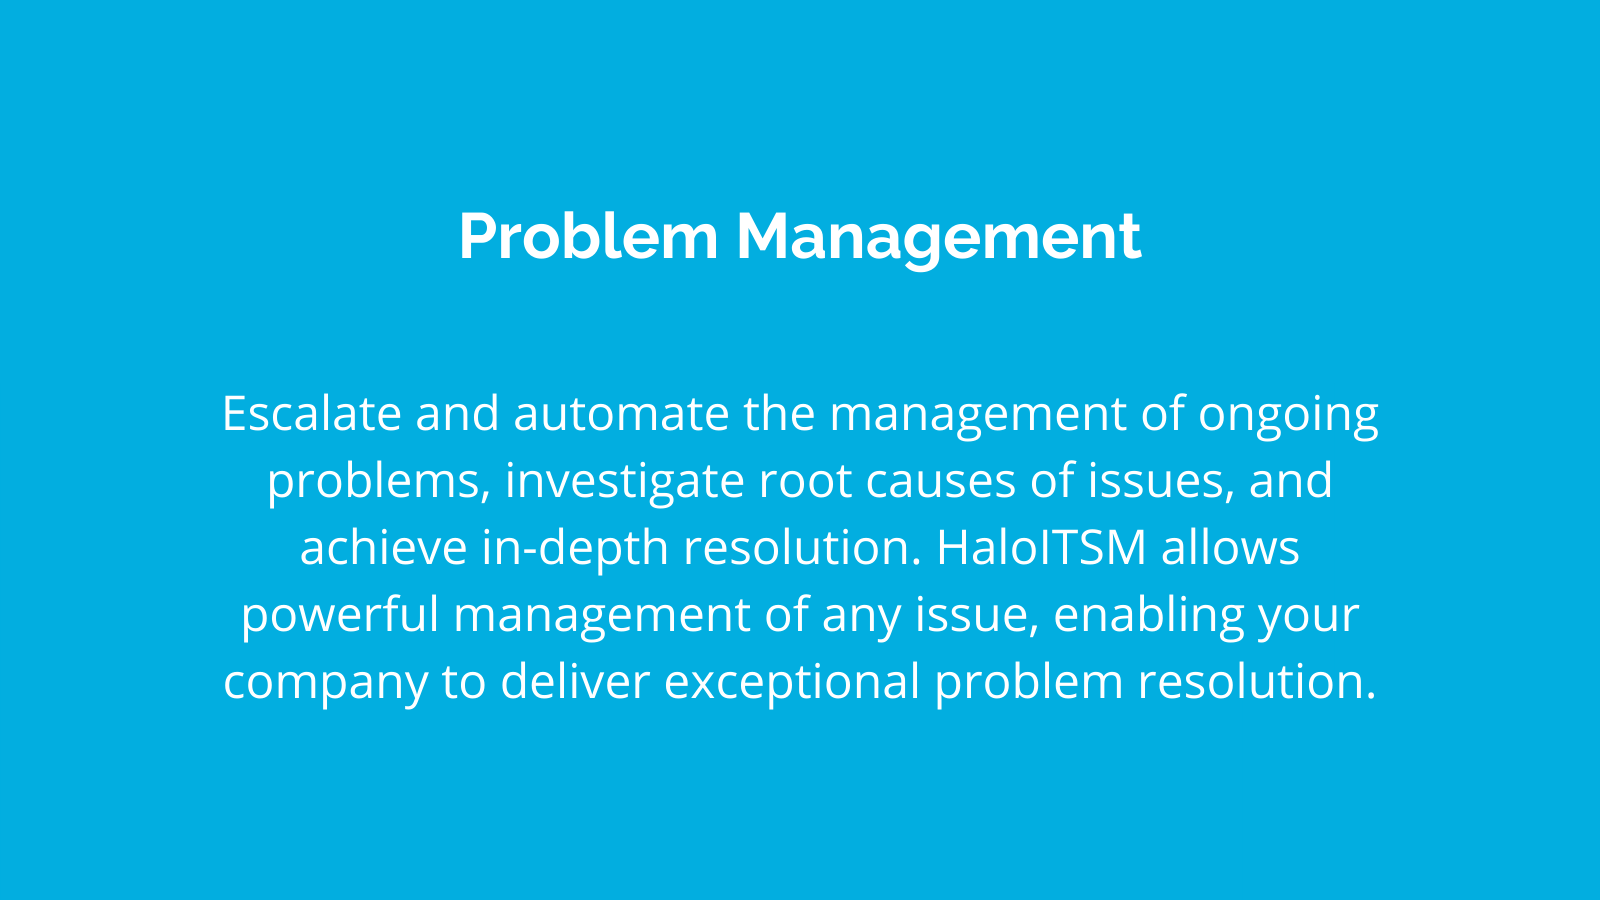 problemmanagement